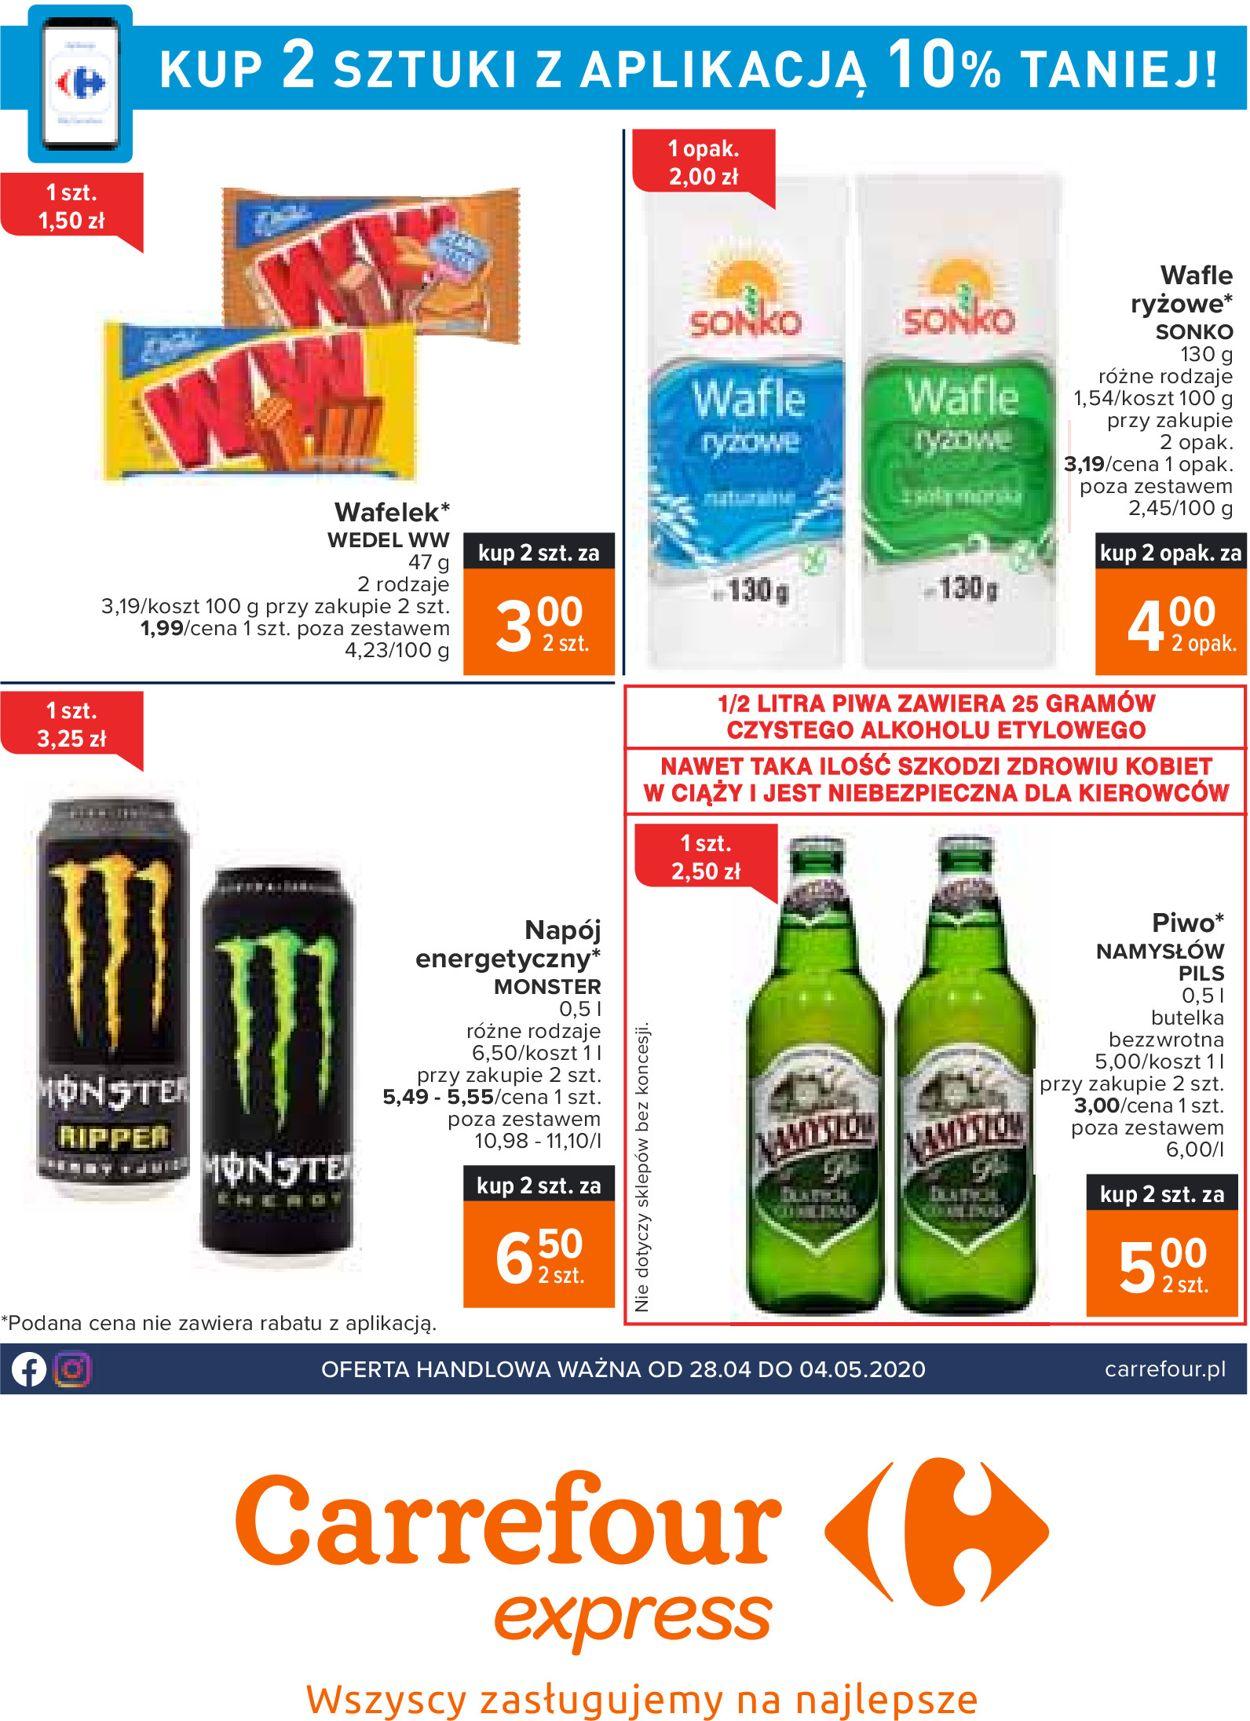 Gazetka promocyjna Carrefour - 28.04-04.05.2020